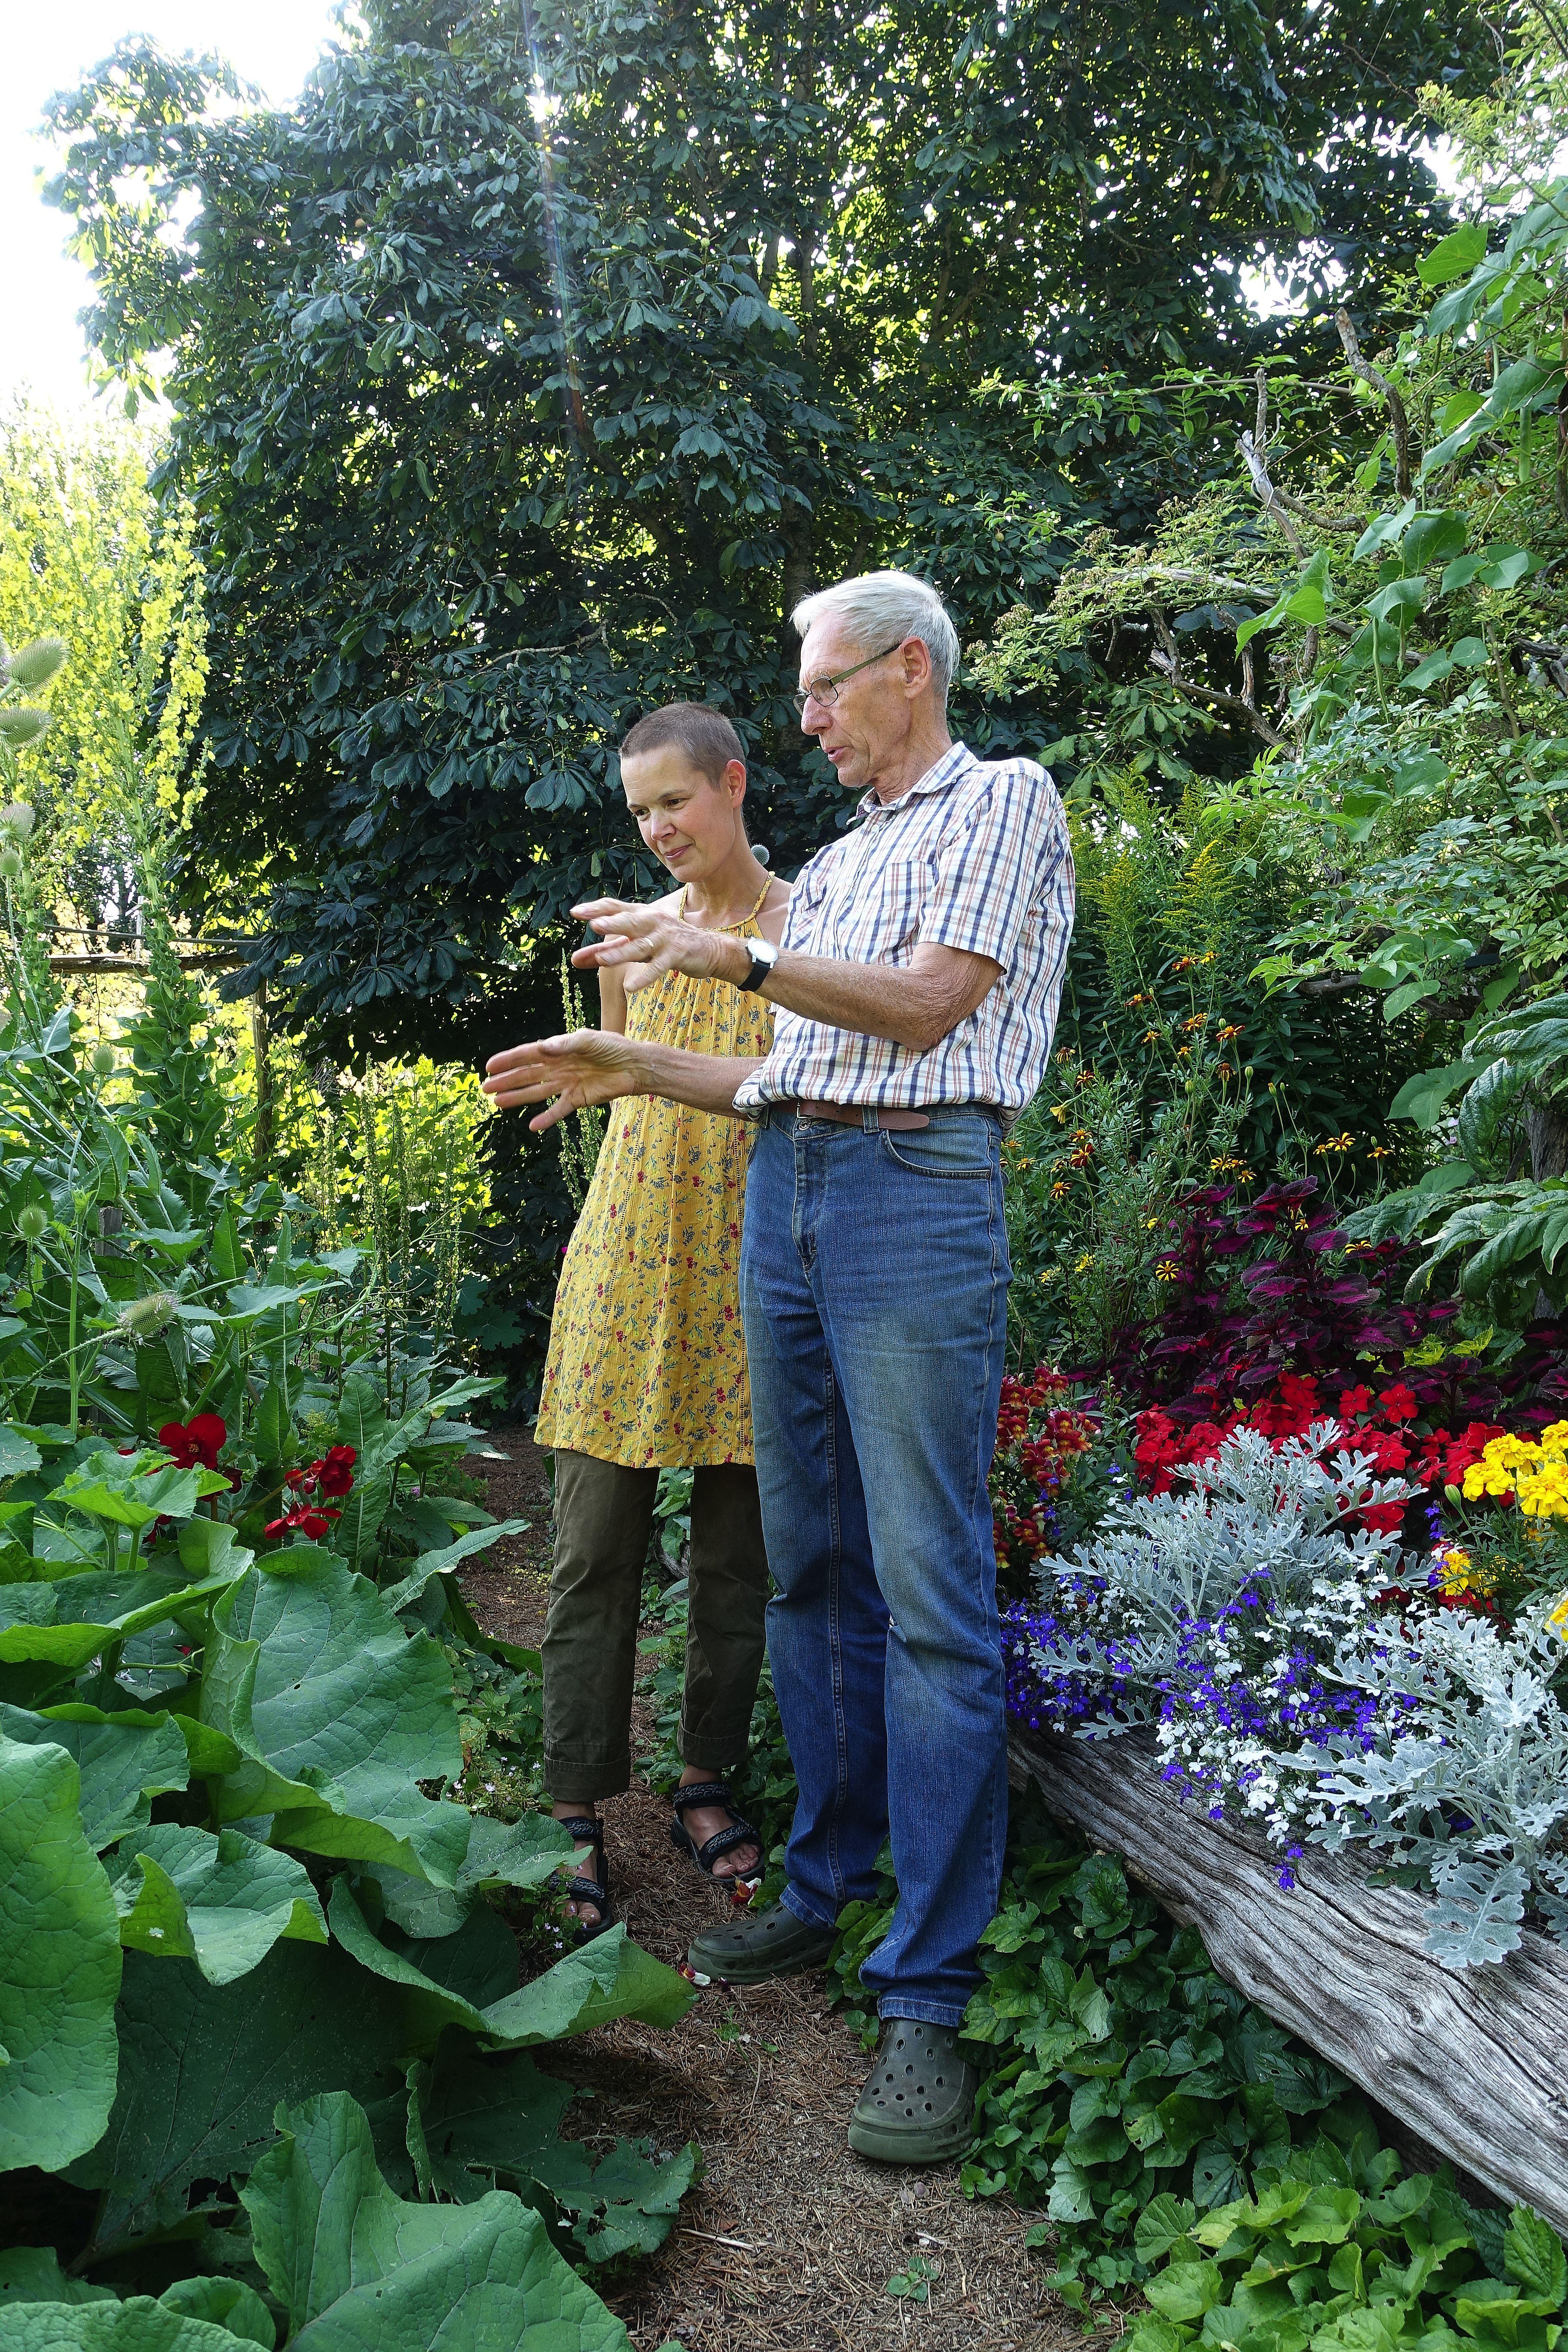 En kvinna i gul klänning och en äldre man i jeans och skjorta står i en trädgård och diskuterar. Mulched garden, Sara and Börje discussing the plants.